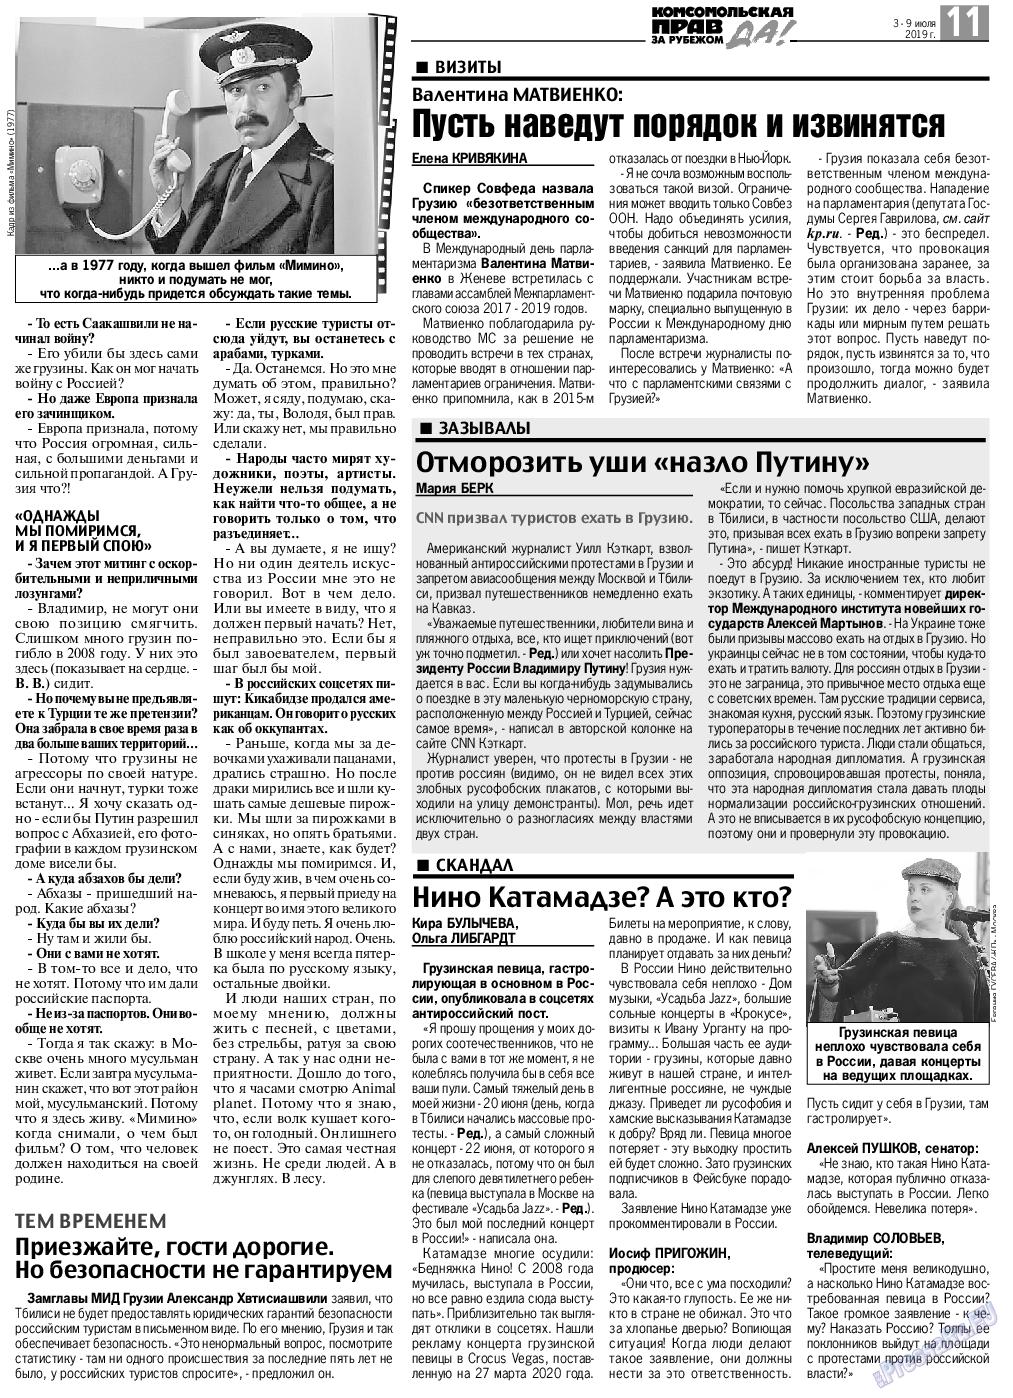 КП в Европе (газета). 2019 год, номер 27, стр. 11